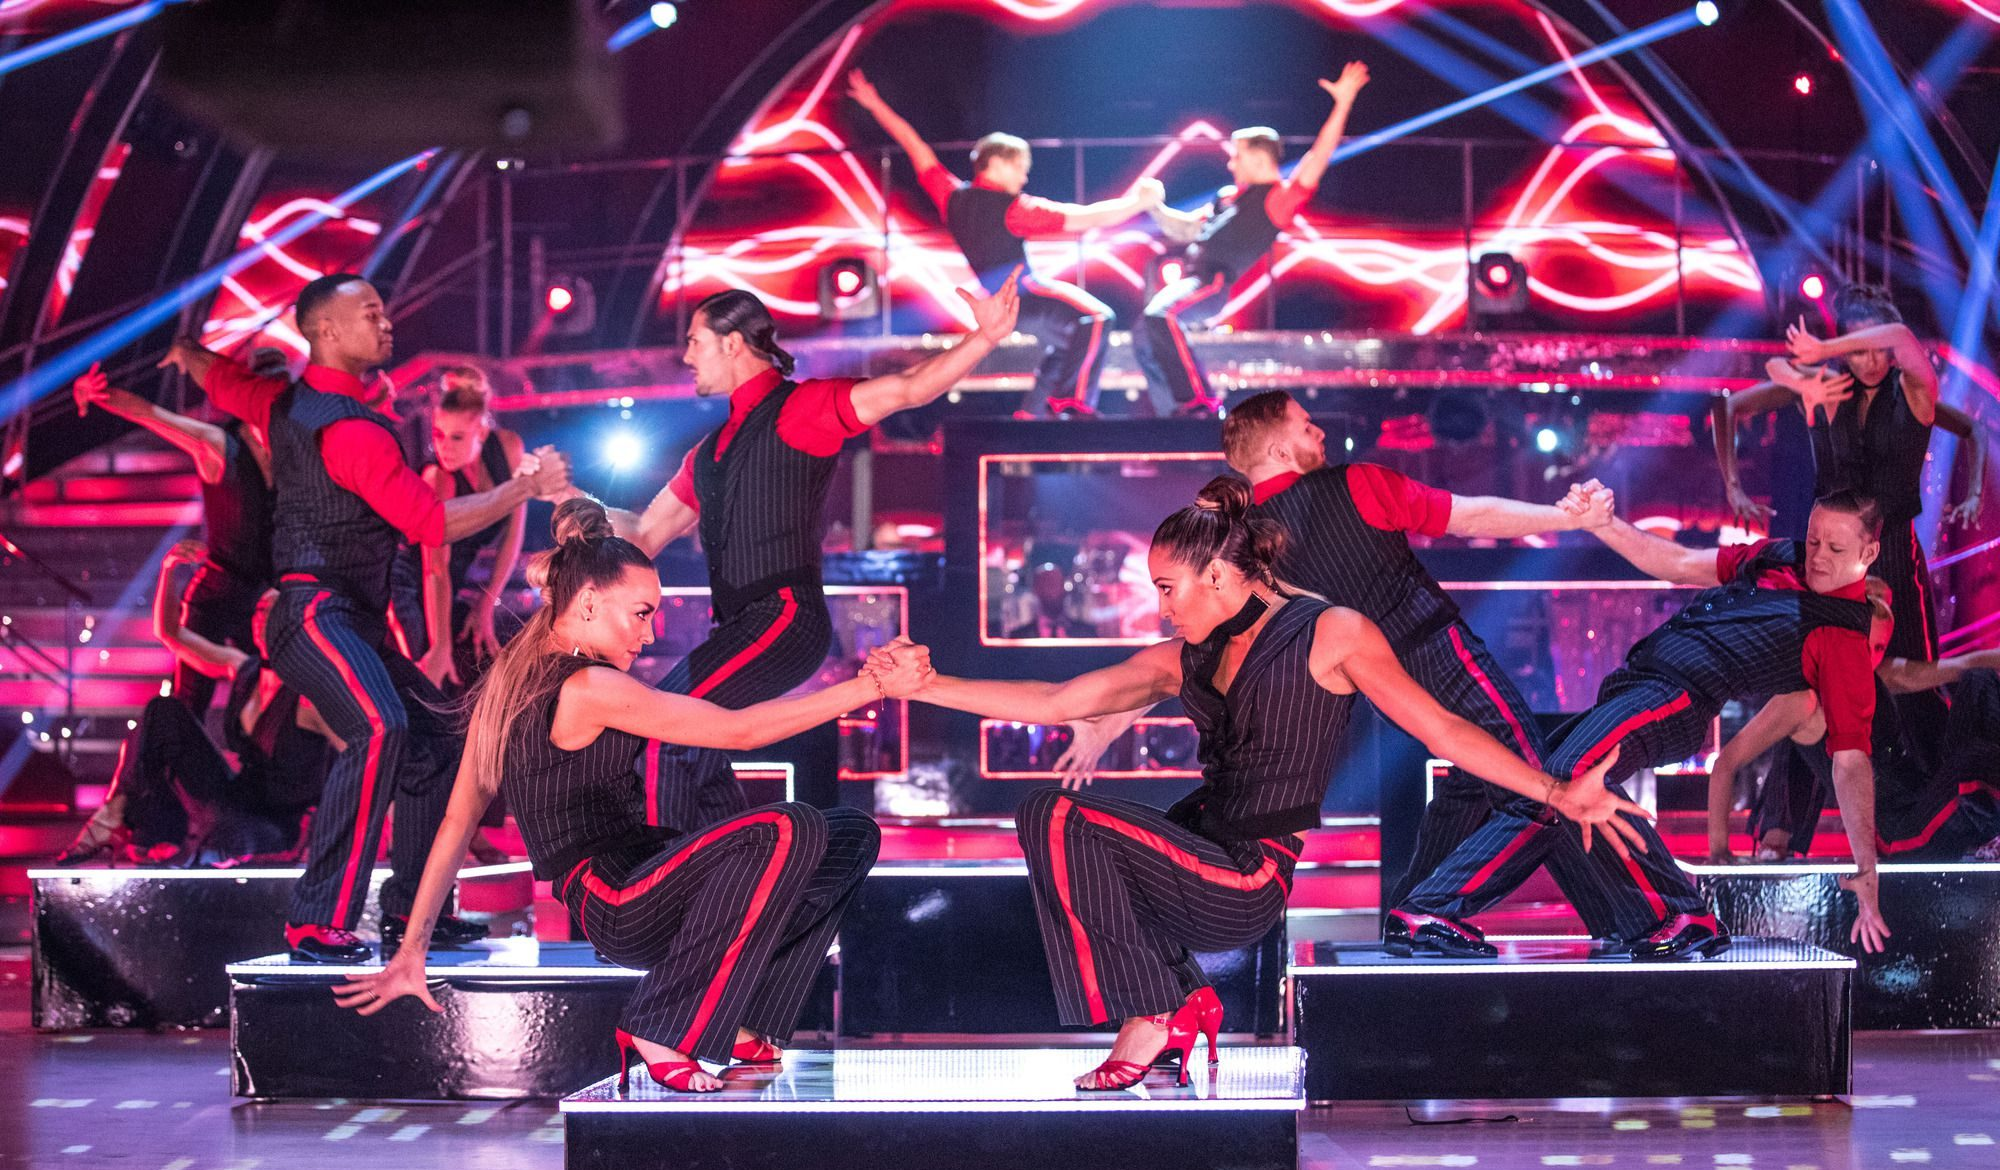 İzleyin: Strictly Come Dancing'de Eşcinsel Çiftlerin Dansı Göz Kamaştırdı